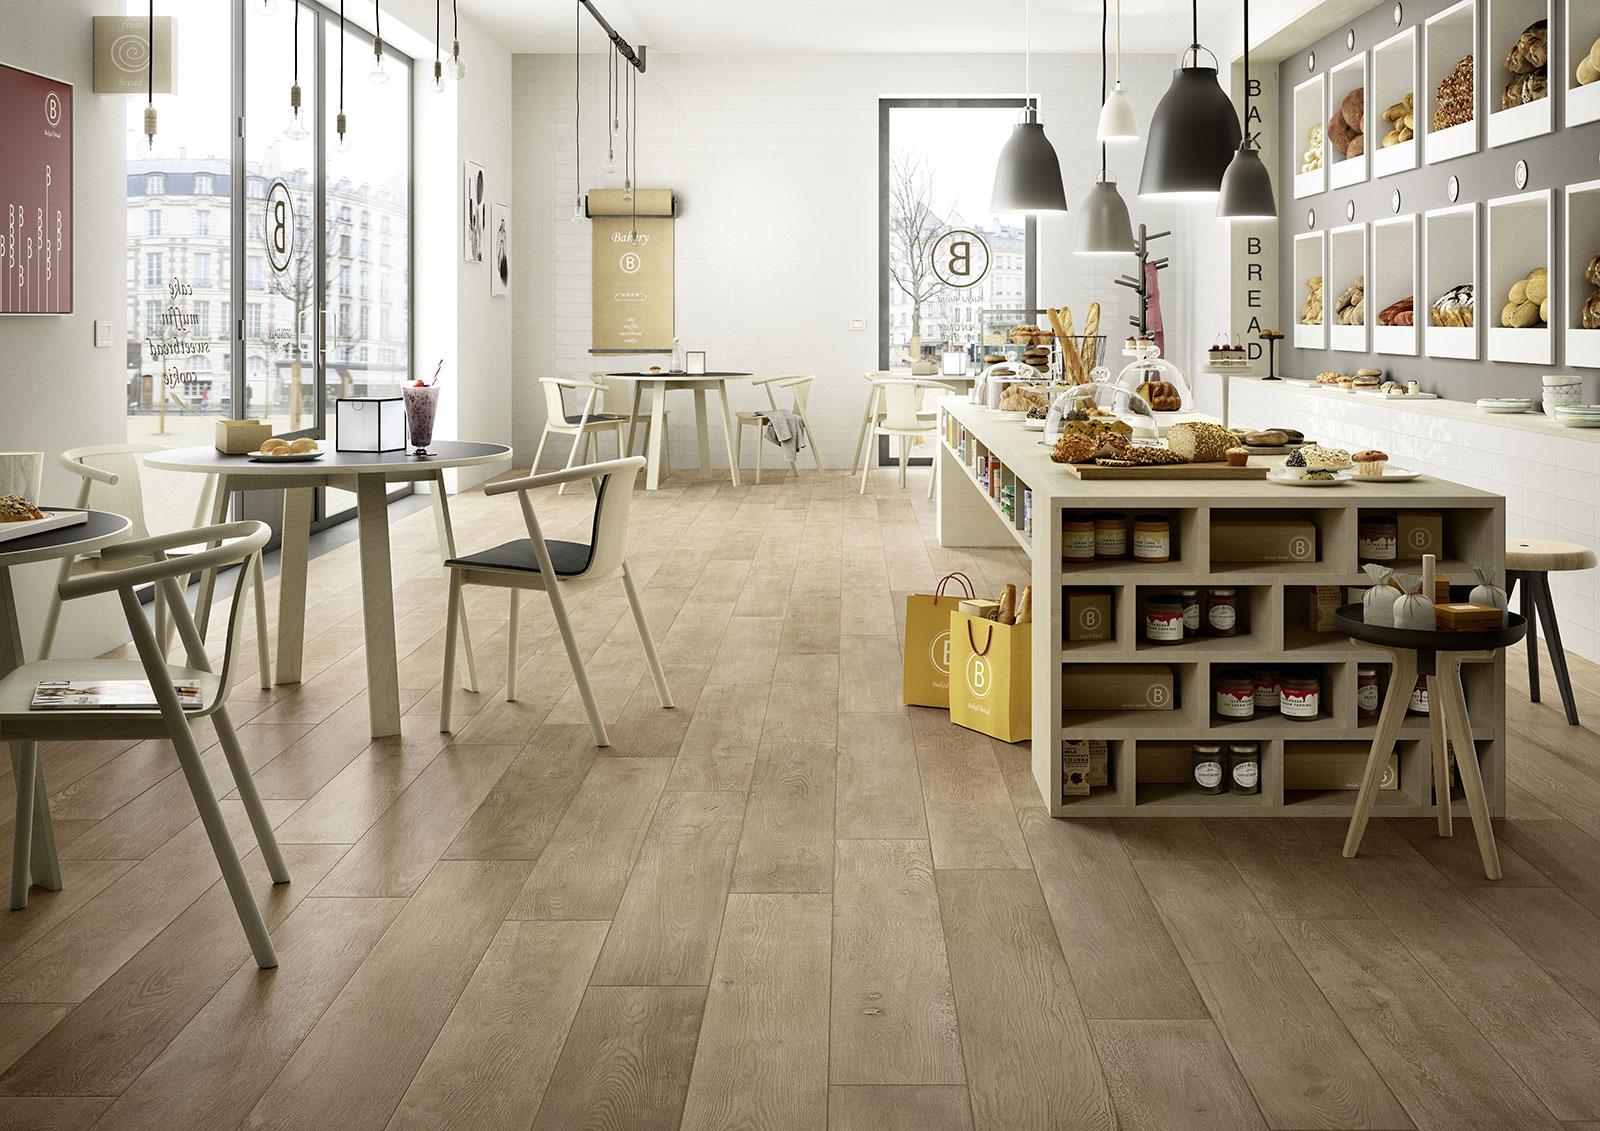 Gres porcellanato effetto legno e parquet marazzi for Carrelage italien marazzi